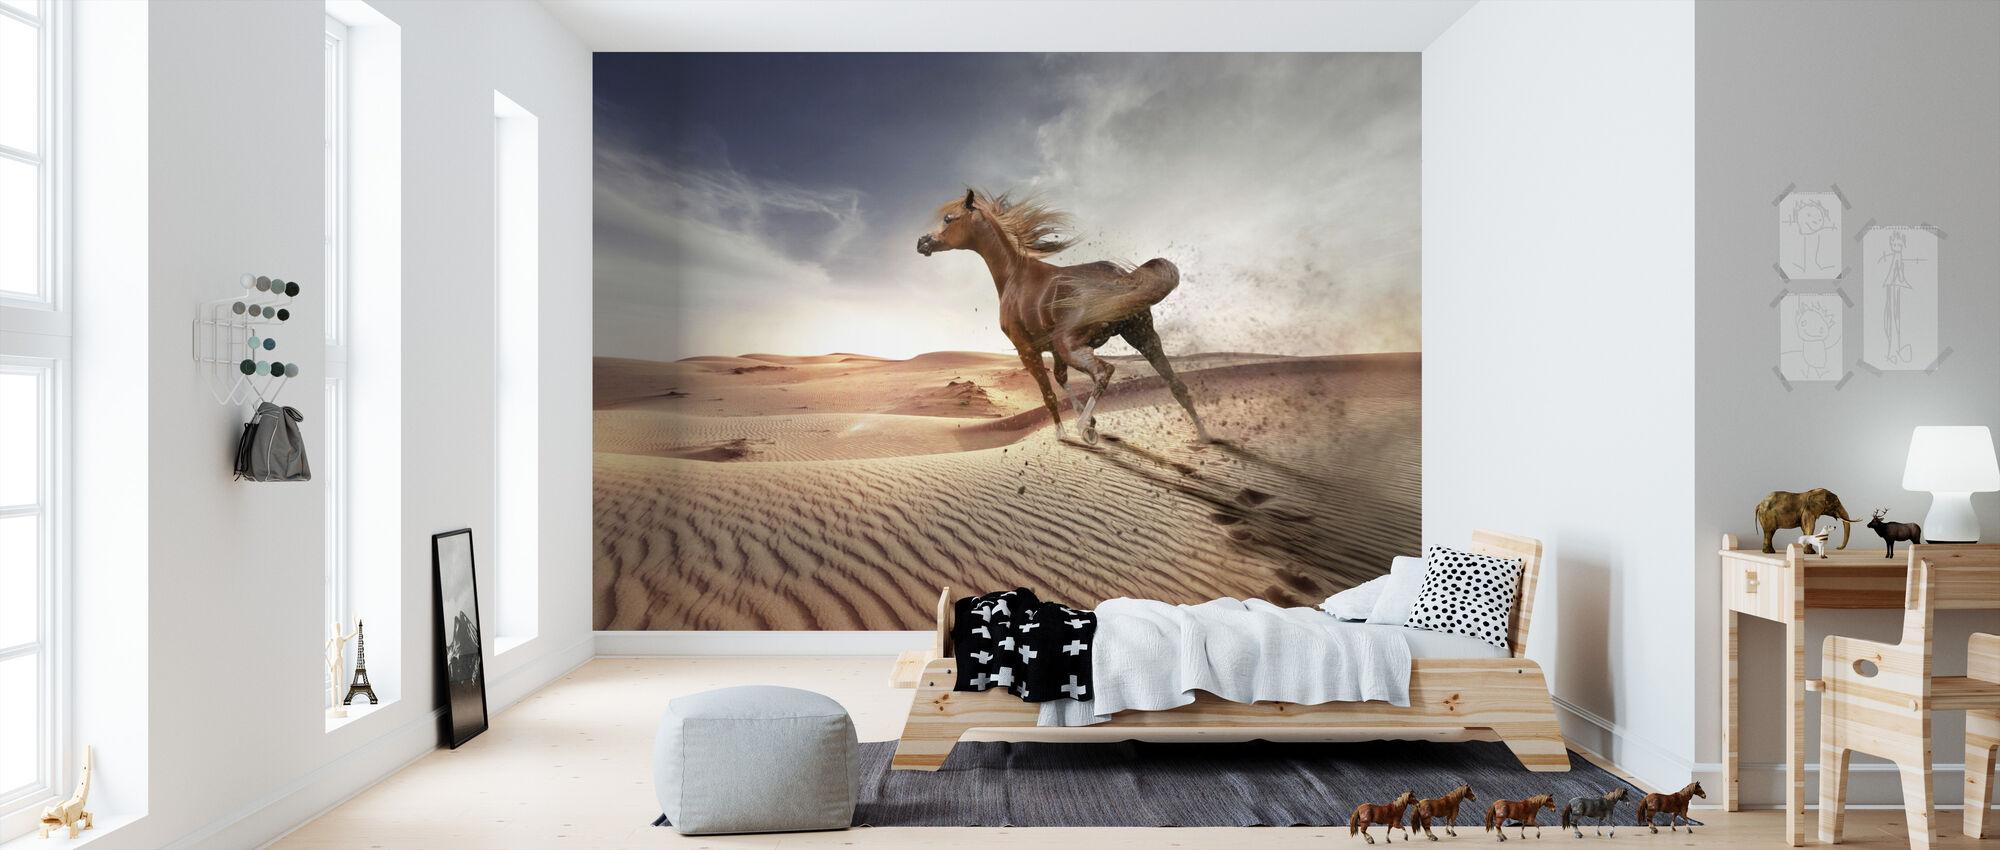 Running Paard in de woestijn - Behang - Kinderkamer